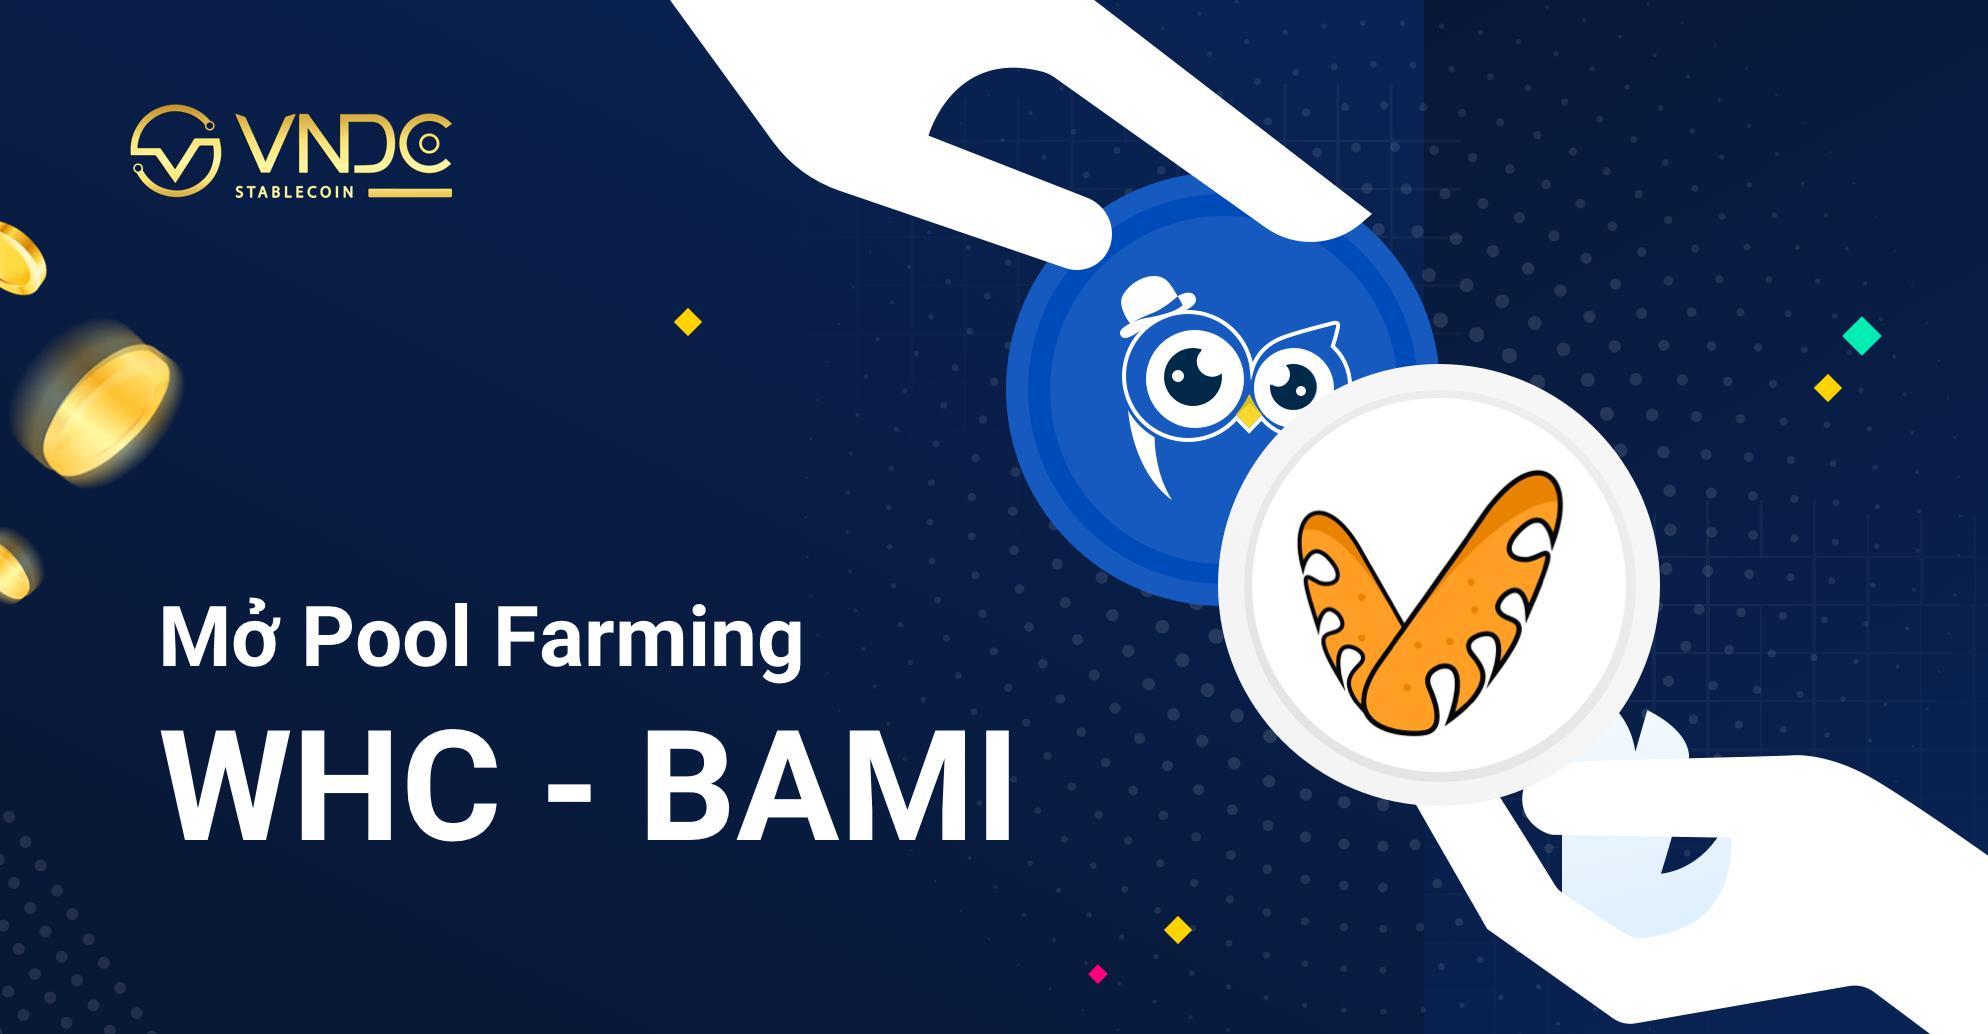 Mở Pool Farming WHC – BAMI, tỷ lệ nhận thưởng lên tới hơn 40%